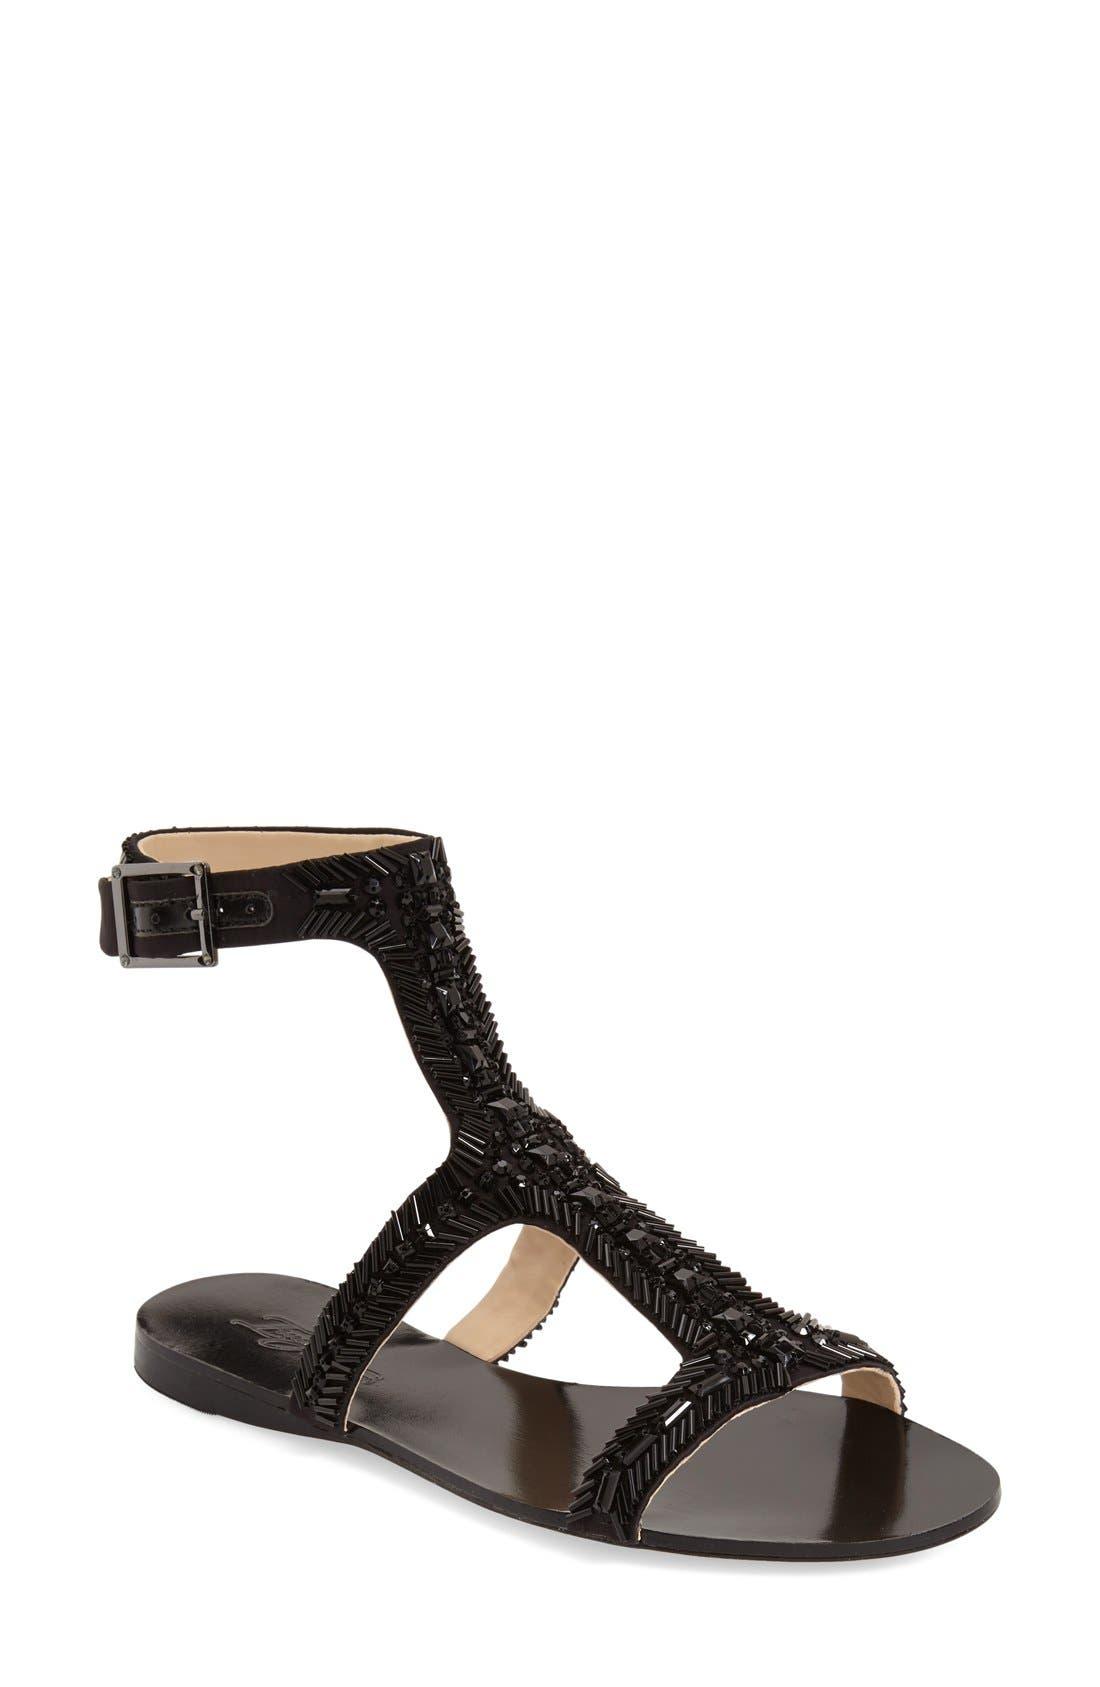 IMAGINE BY VINCE CAMUTO Imagine Vince Camuto Reid Embellished T-Strap Flat Sandal